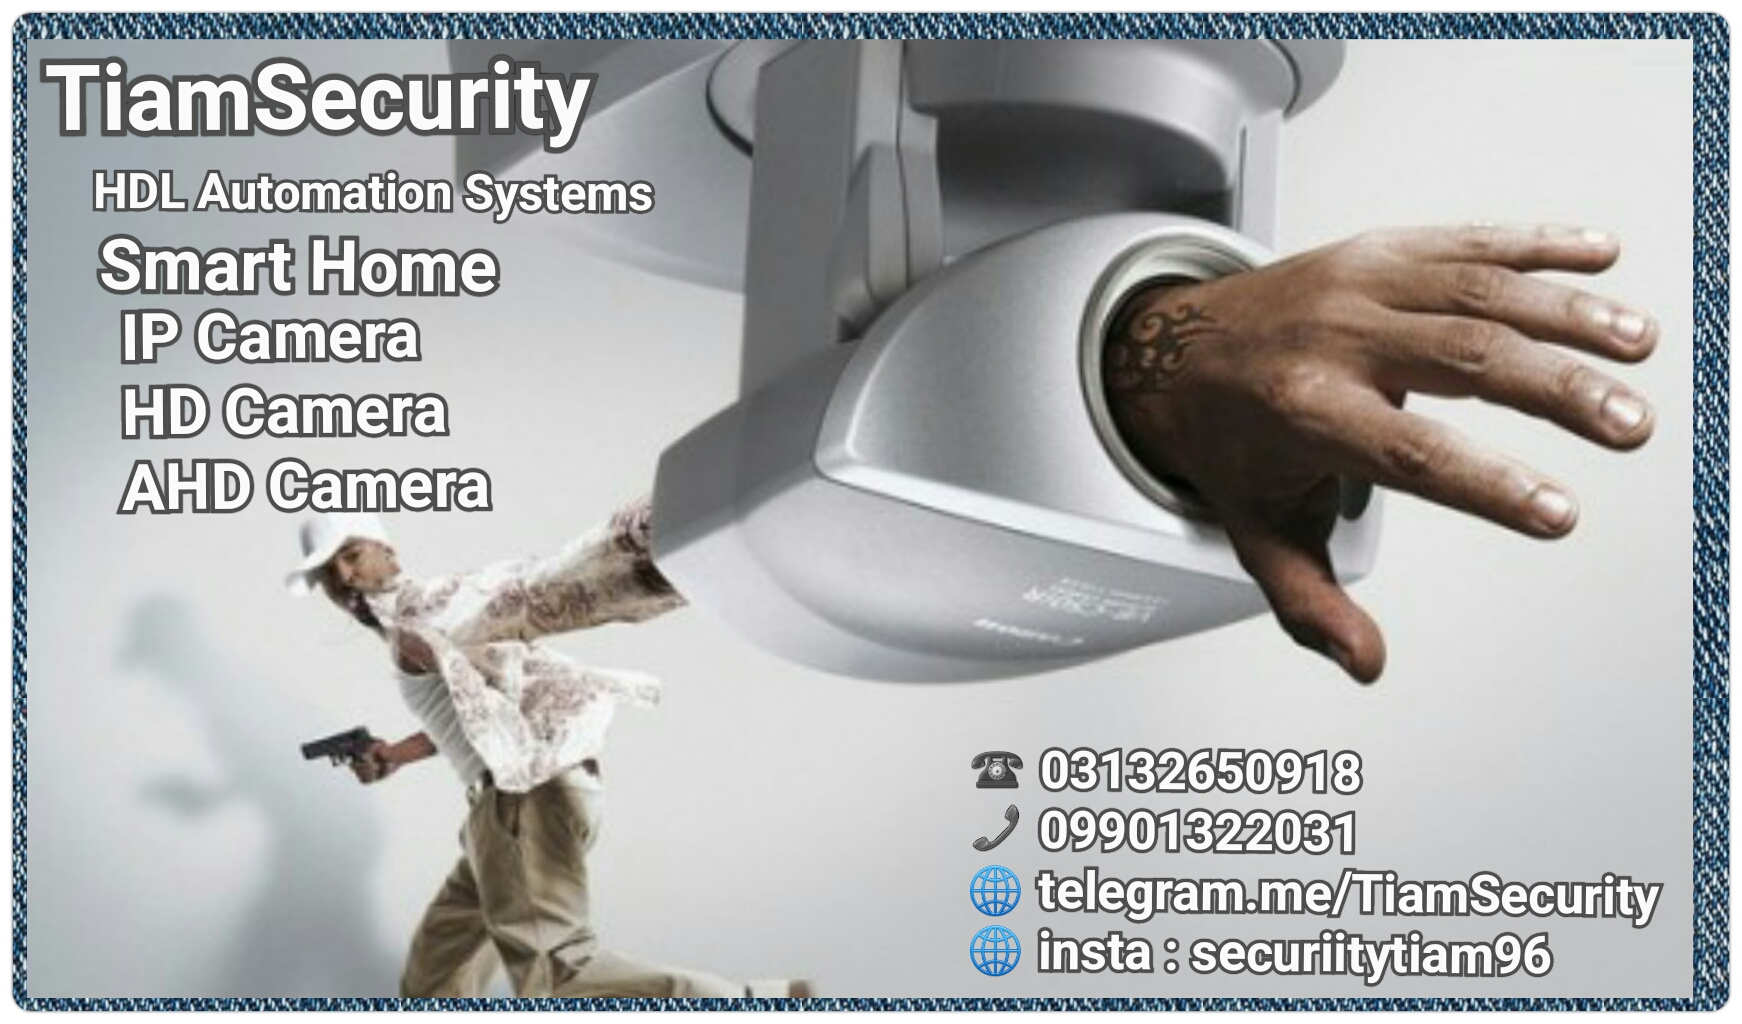 سیستم های هوشمند، امنیتی و مداربسته